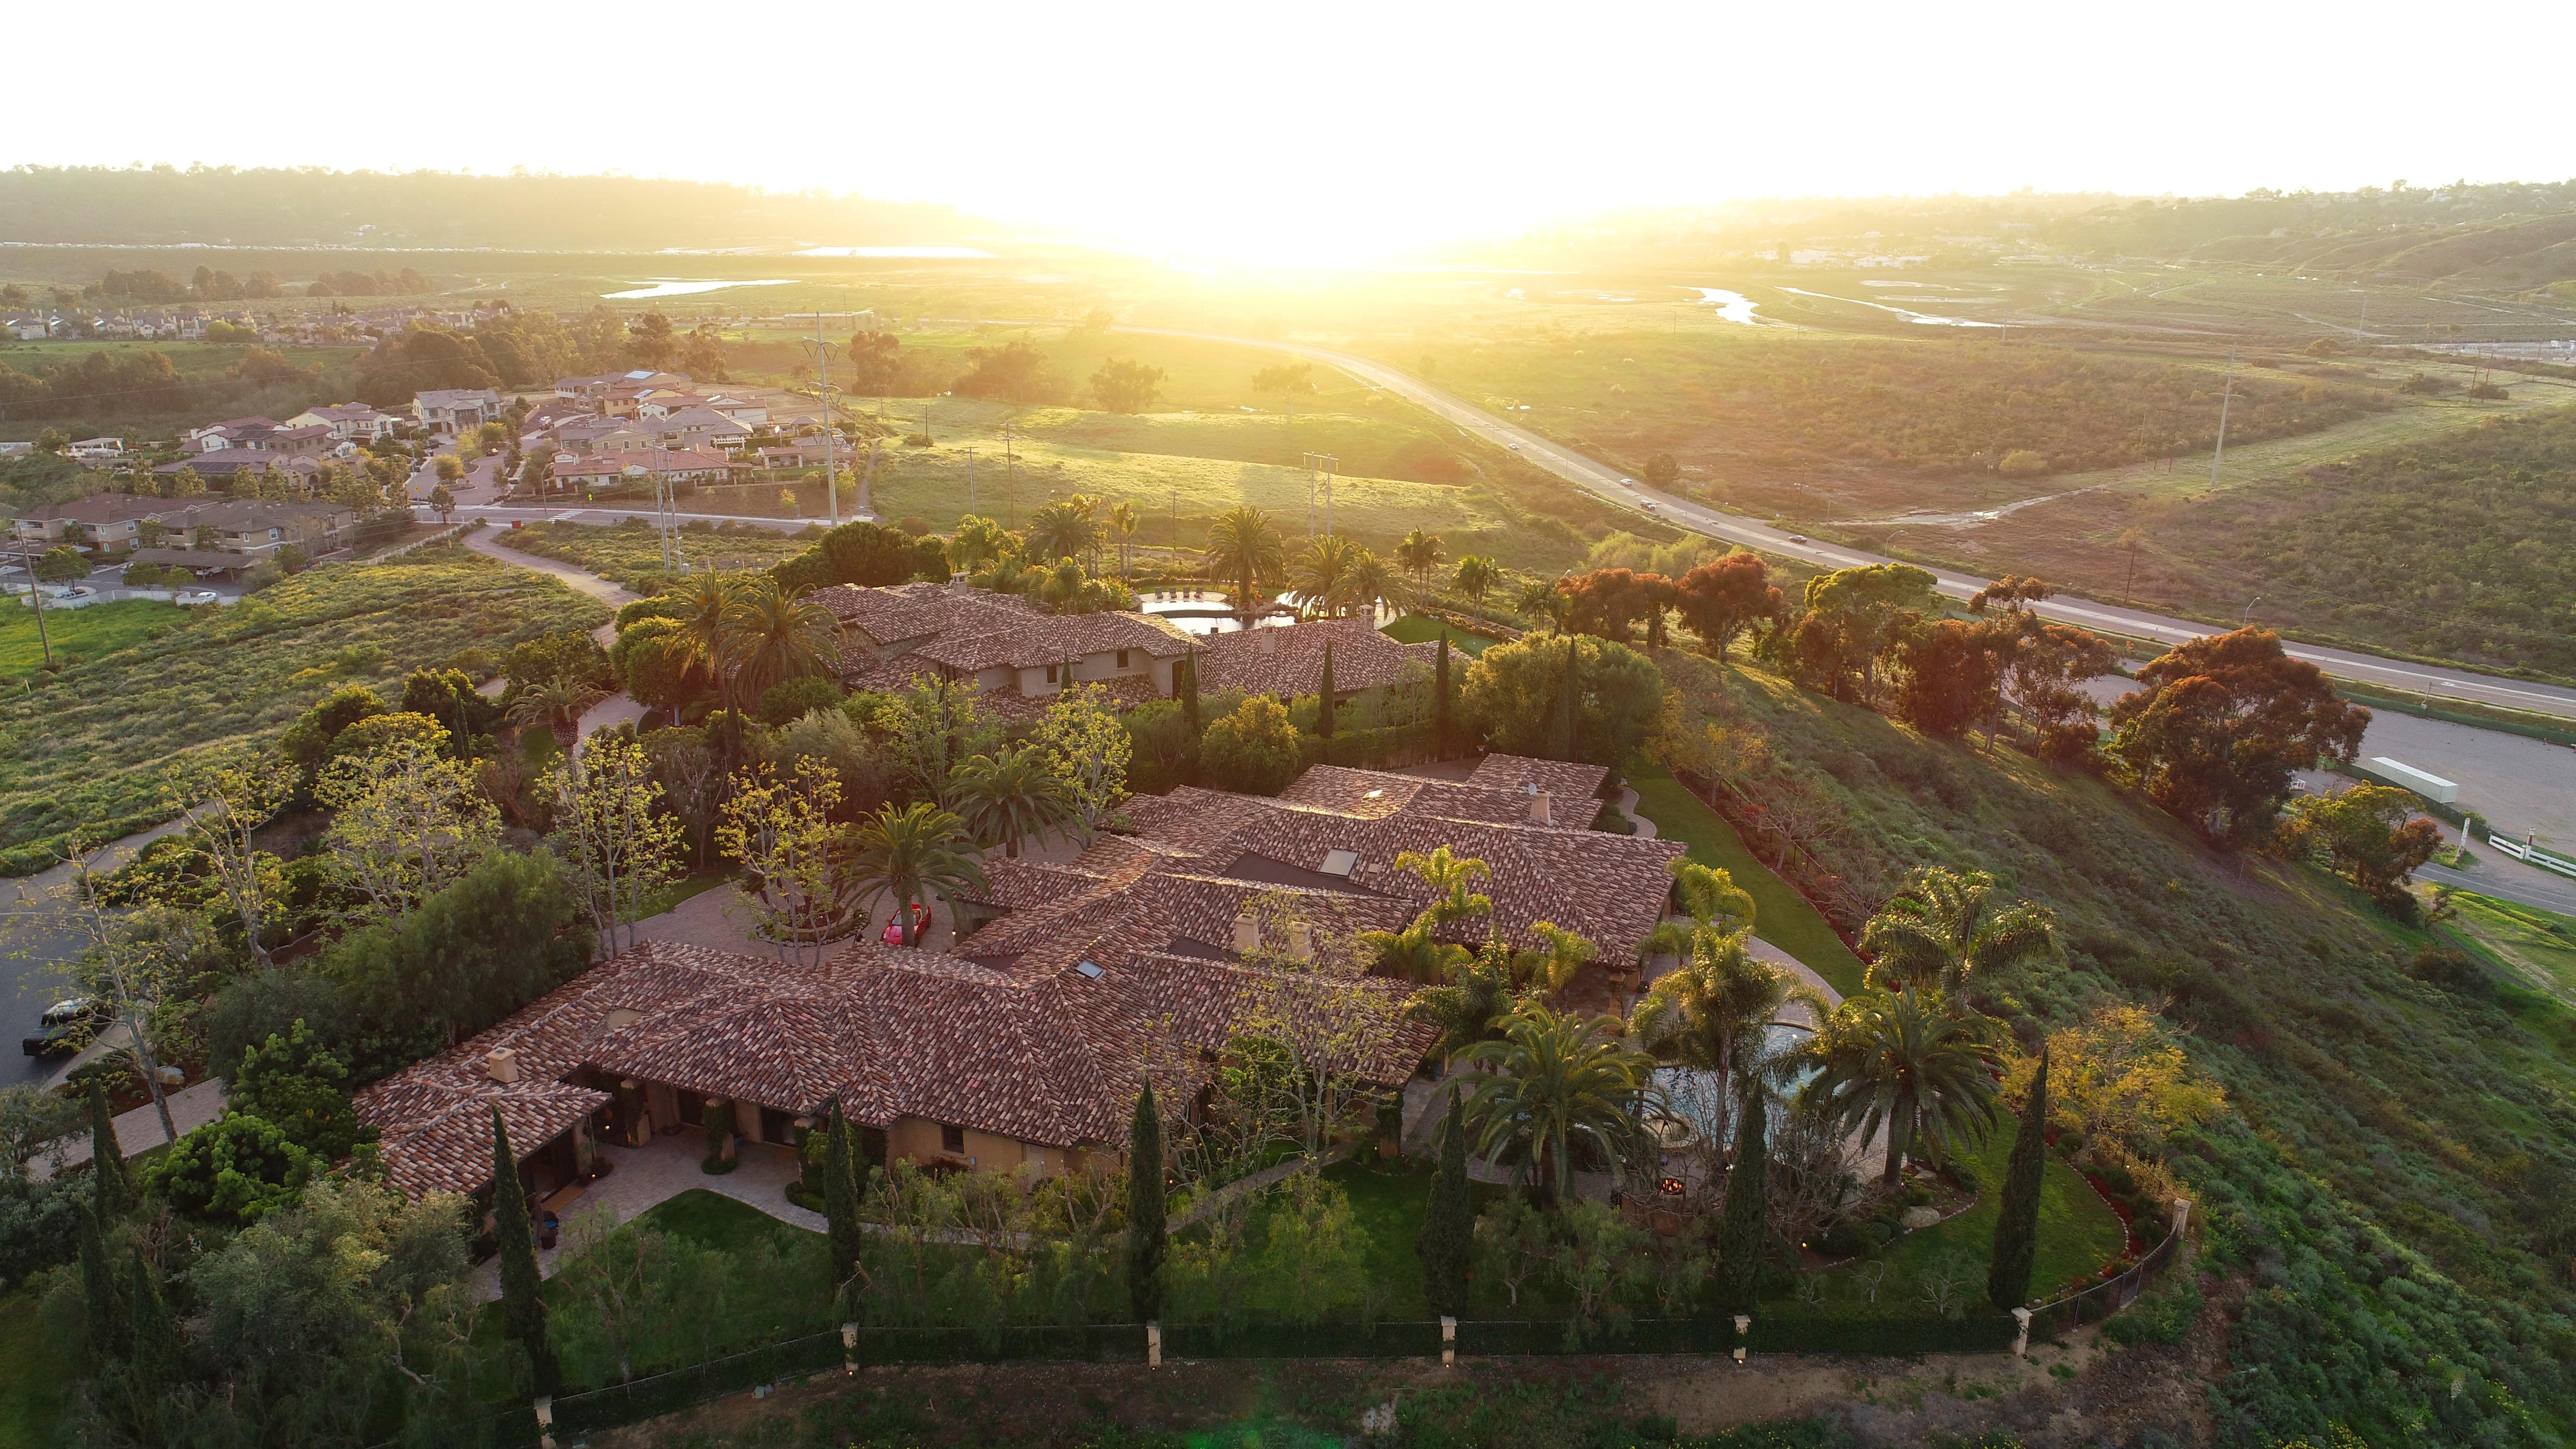 4130-rancho-las-brisas-aerial-large-14